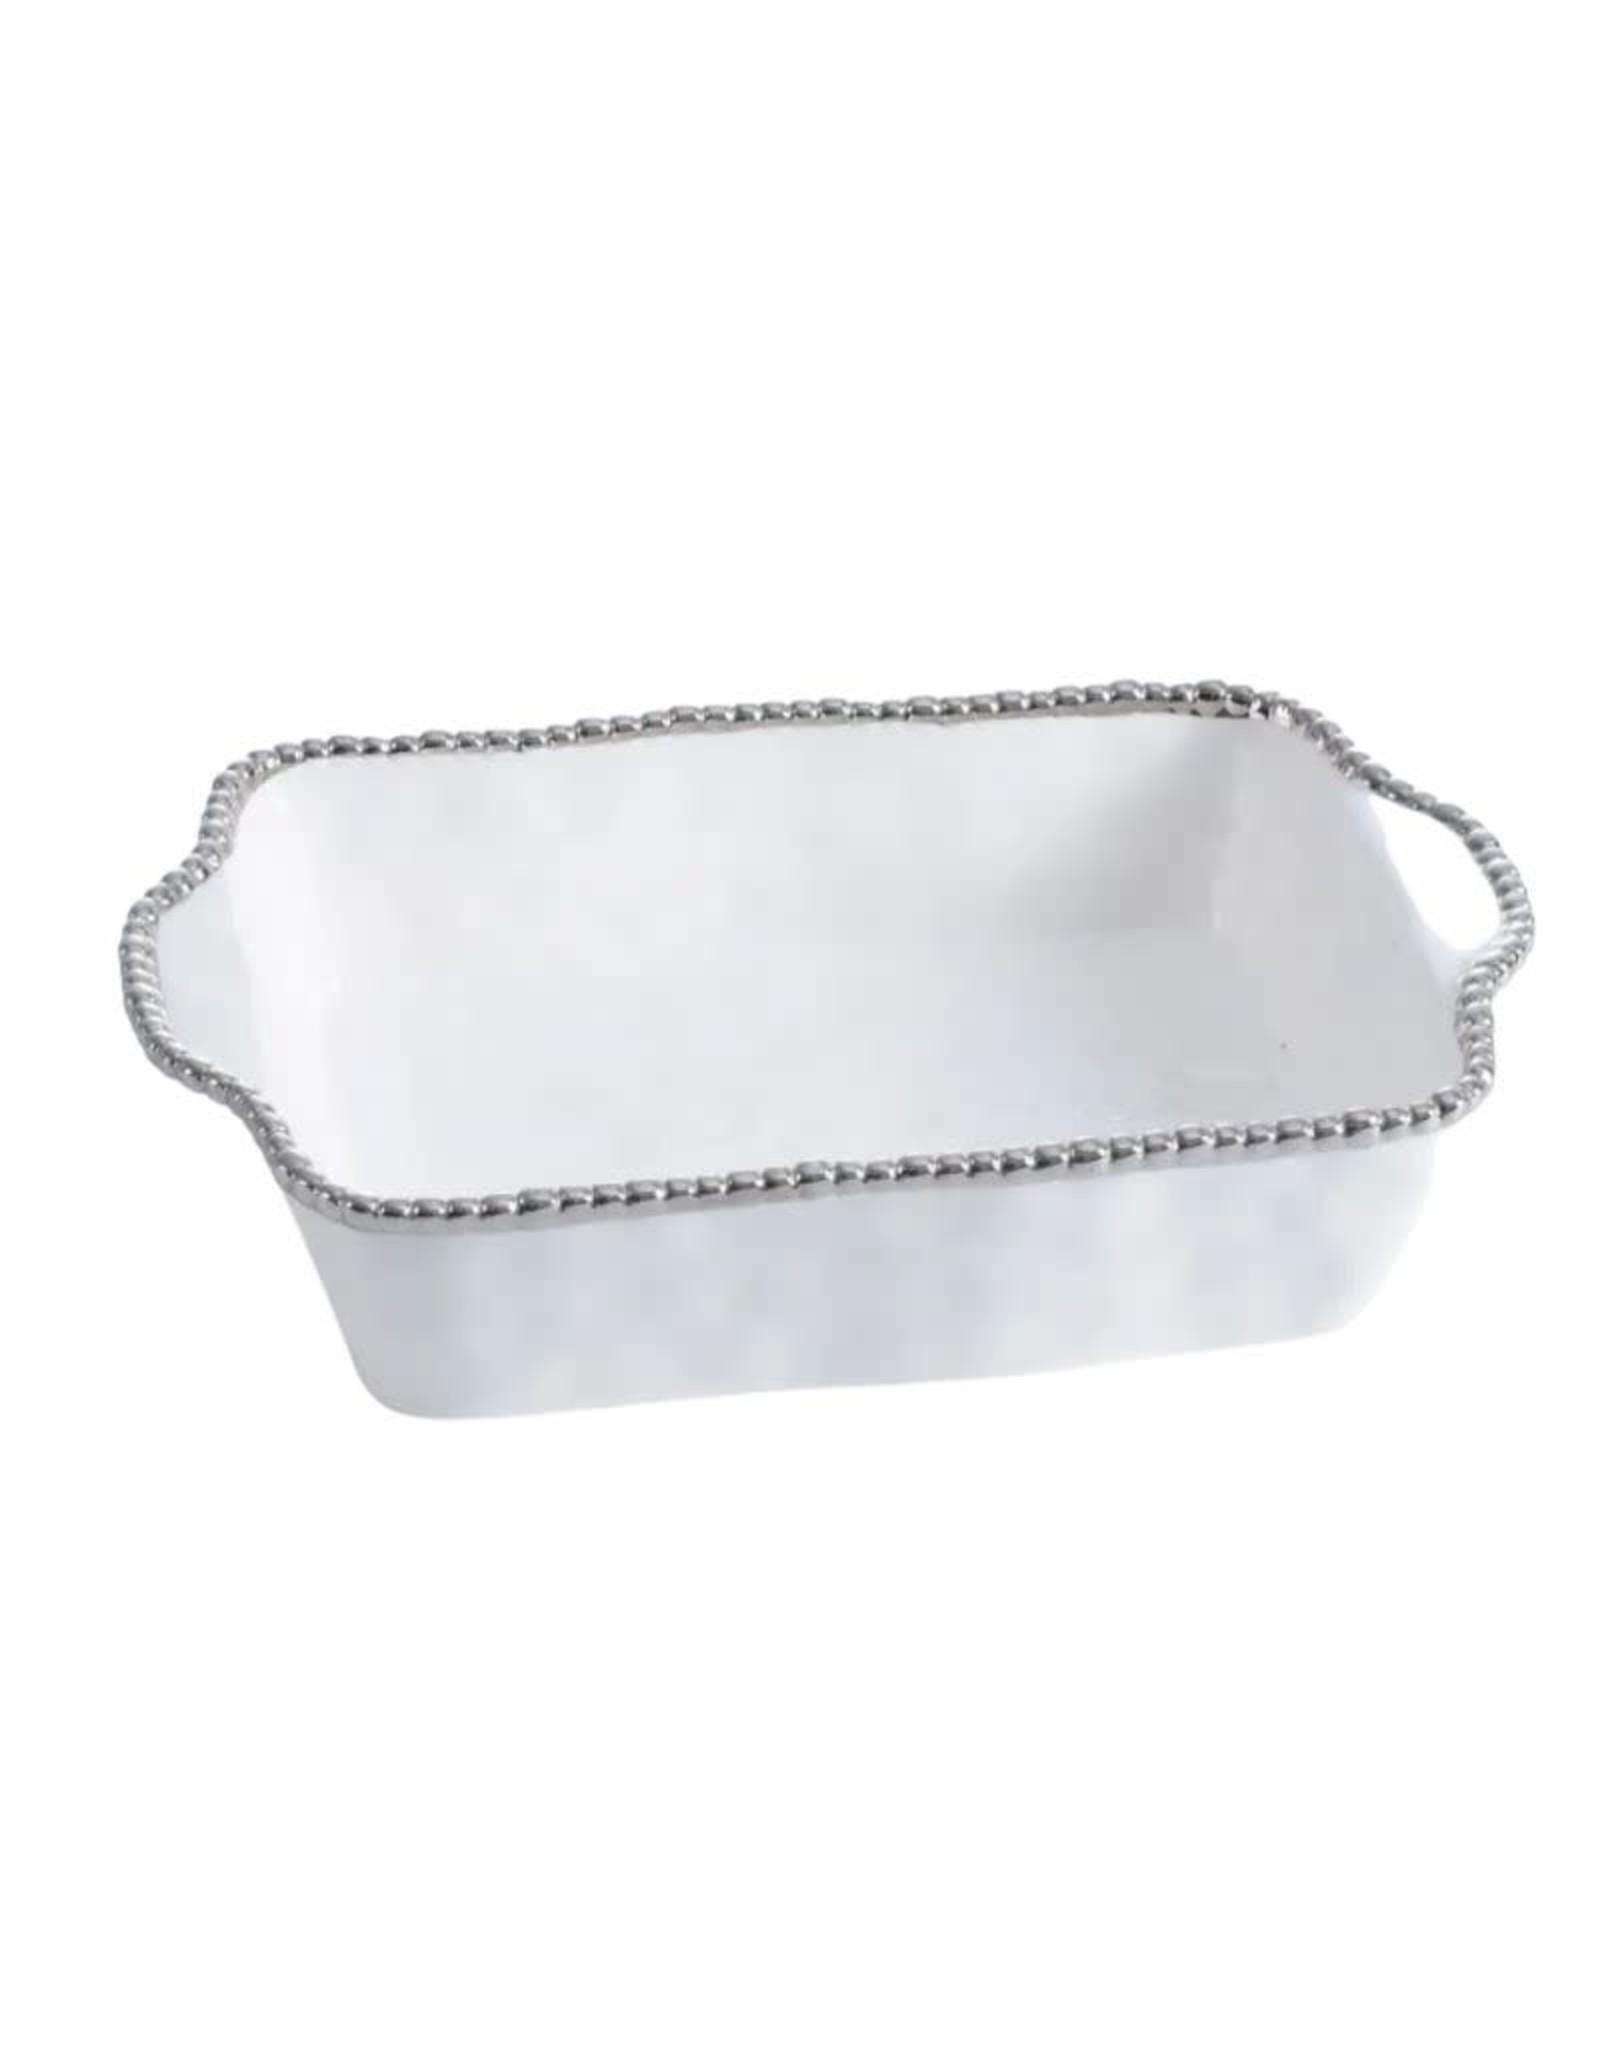 Pampa Bay Rectangular Baking Dish- White/Silver